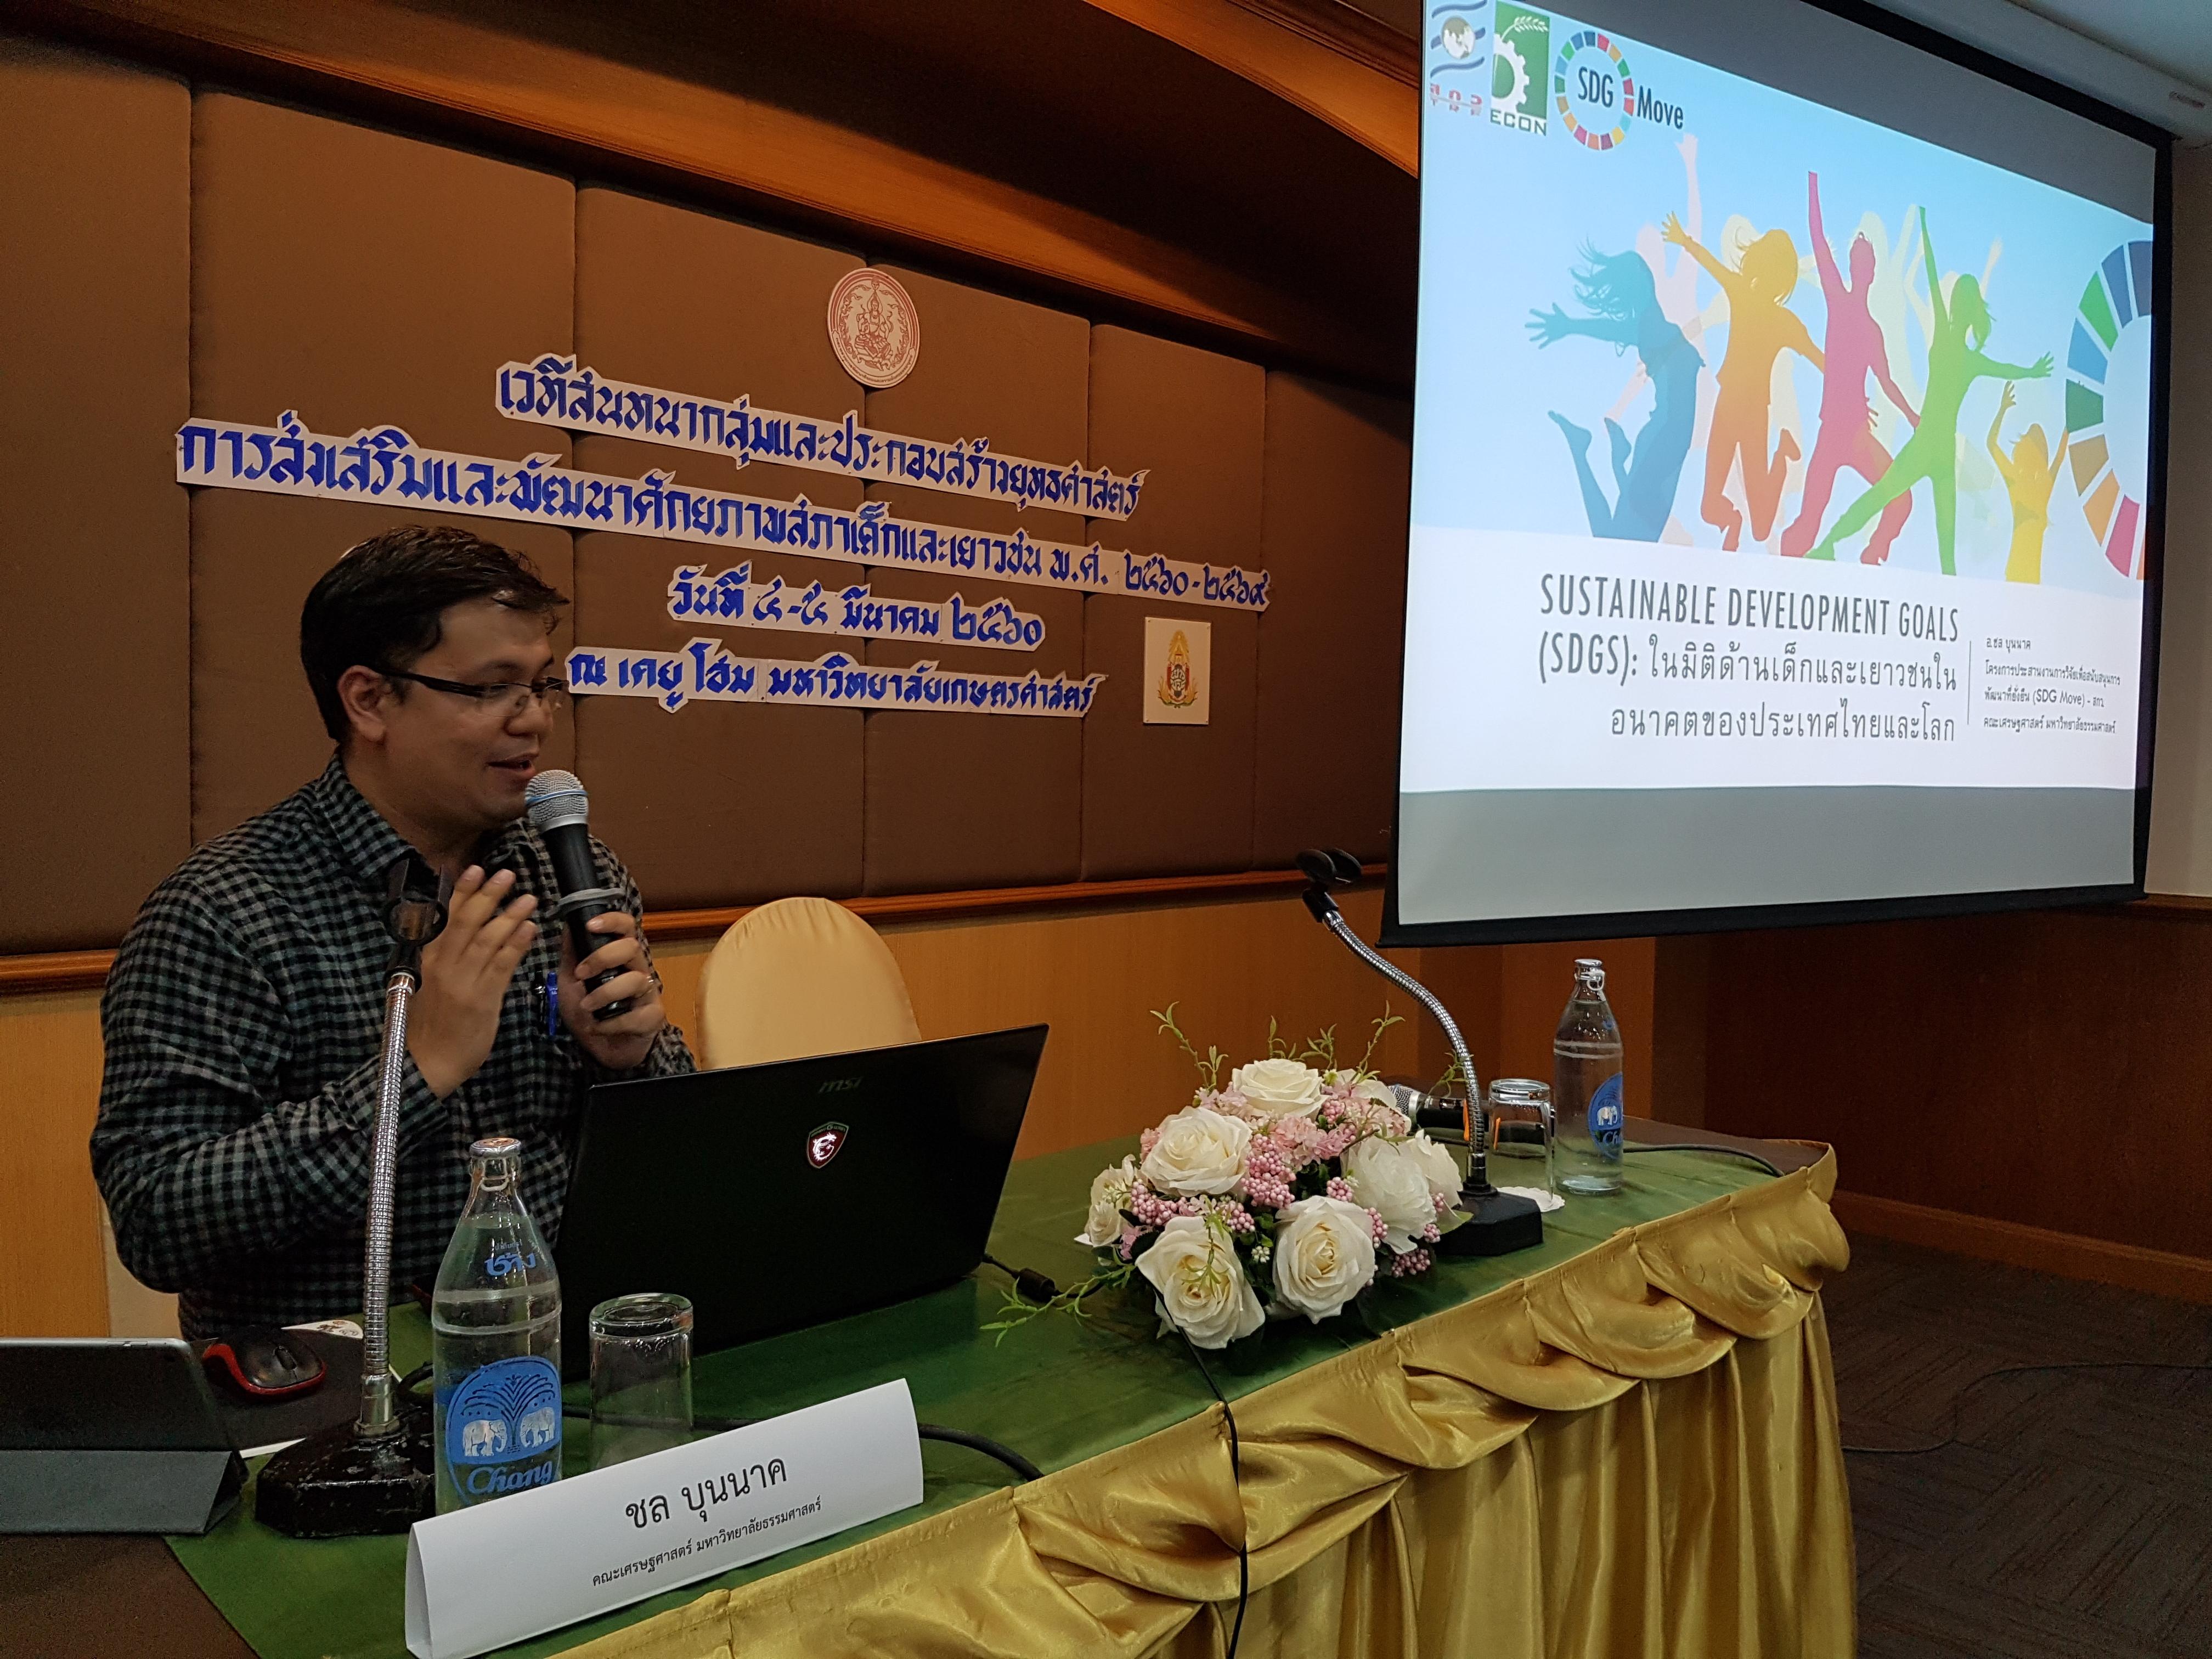 การพัฒนาอย่างยั่งยืน (SDGs) ต่อ เด็กและเยาวชนไทย